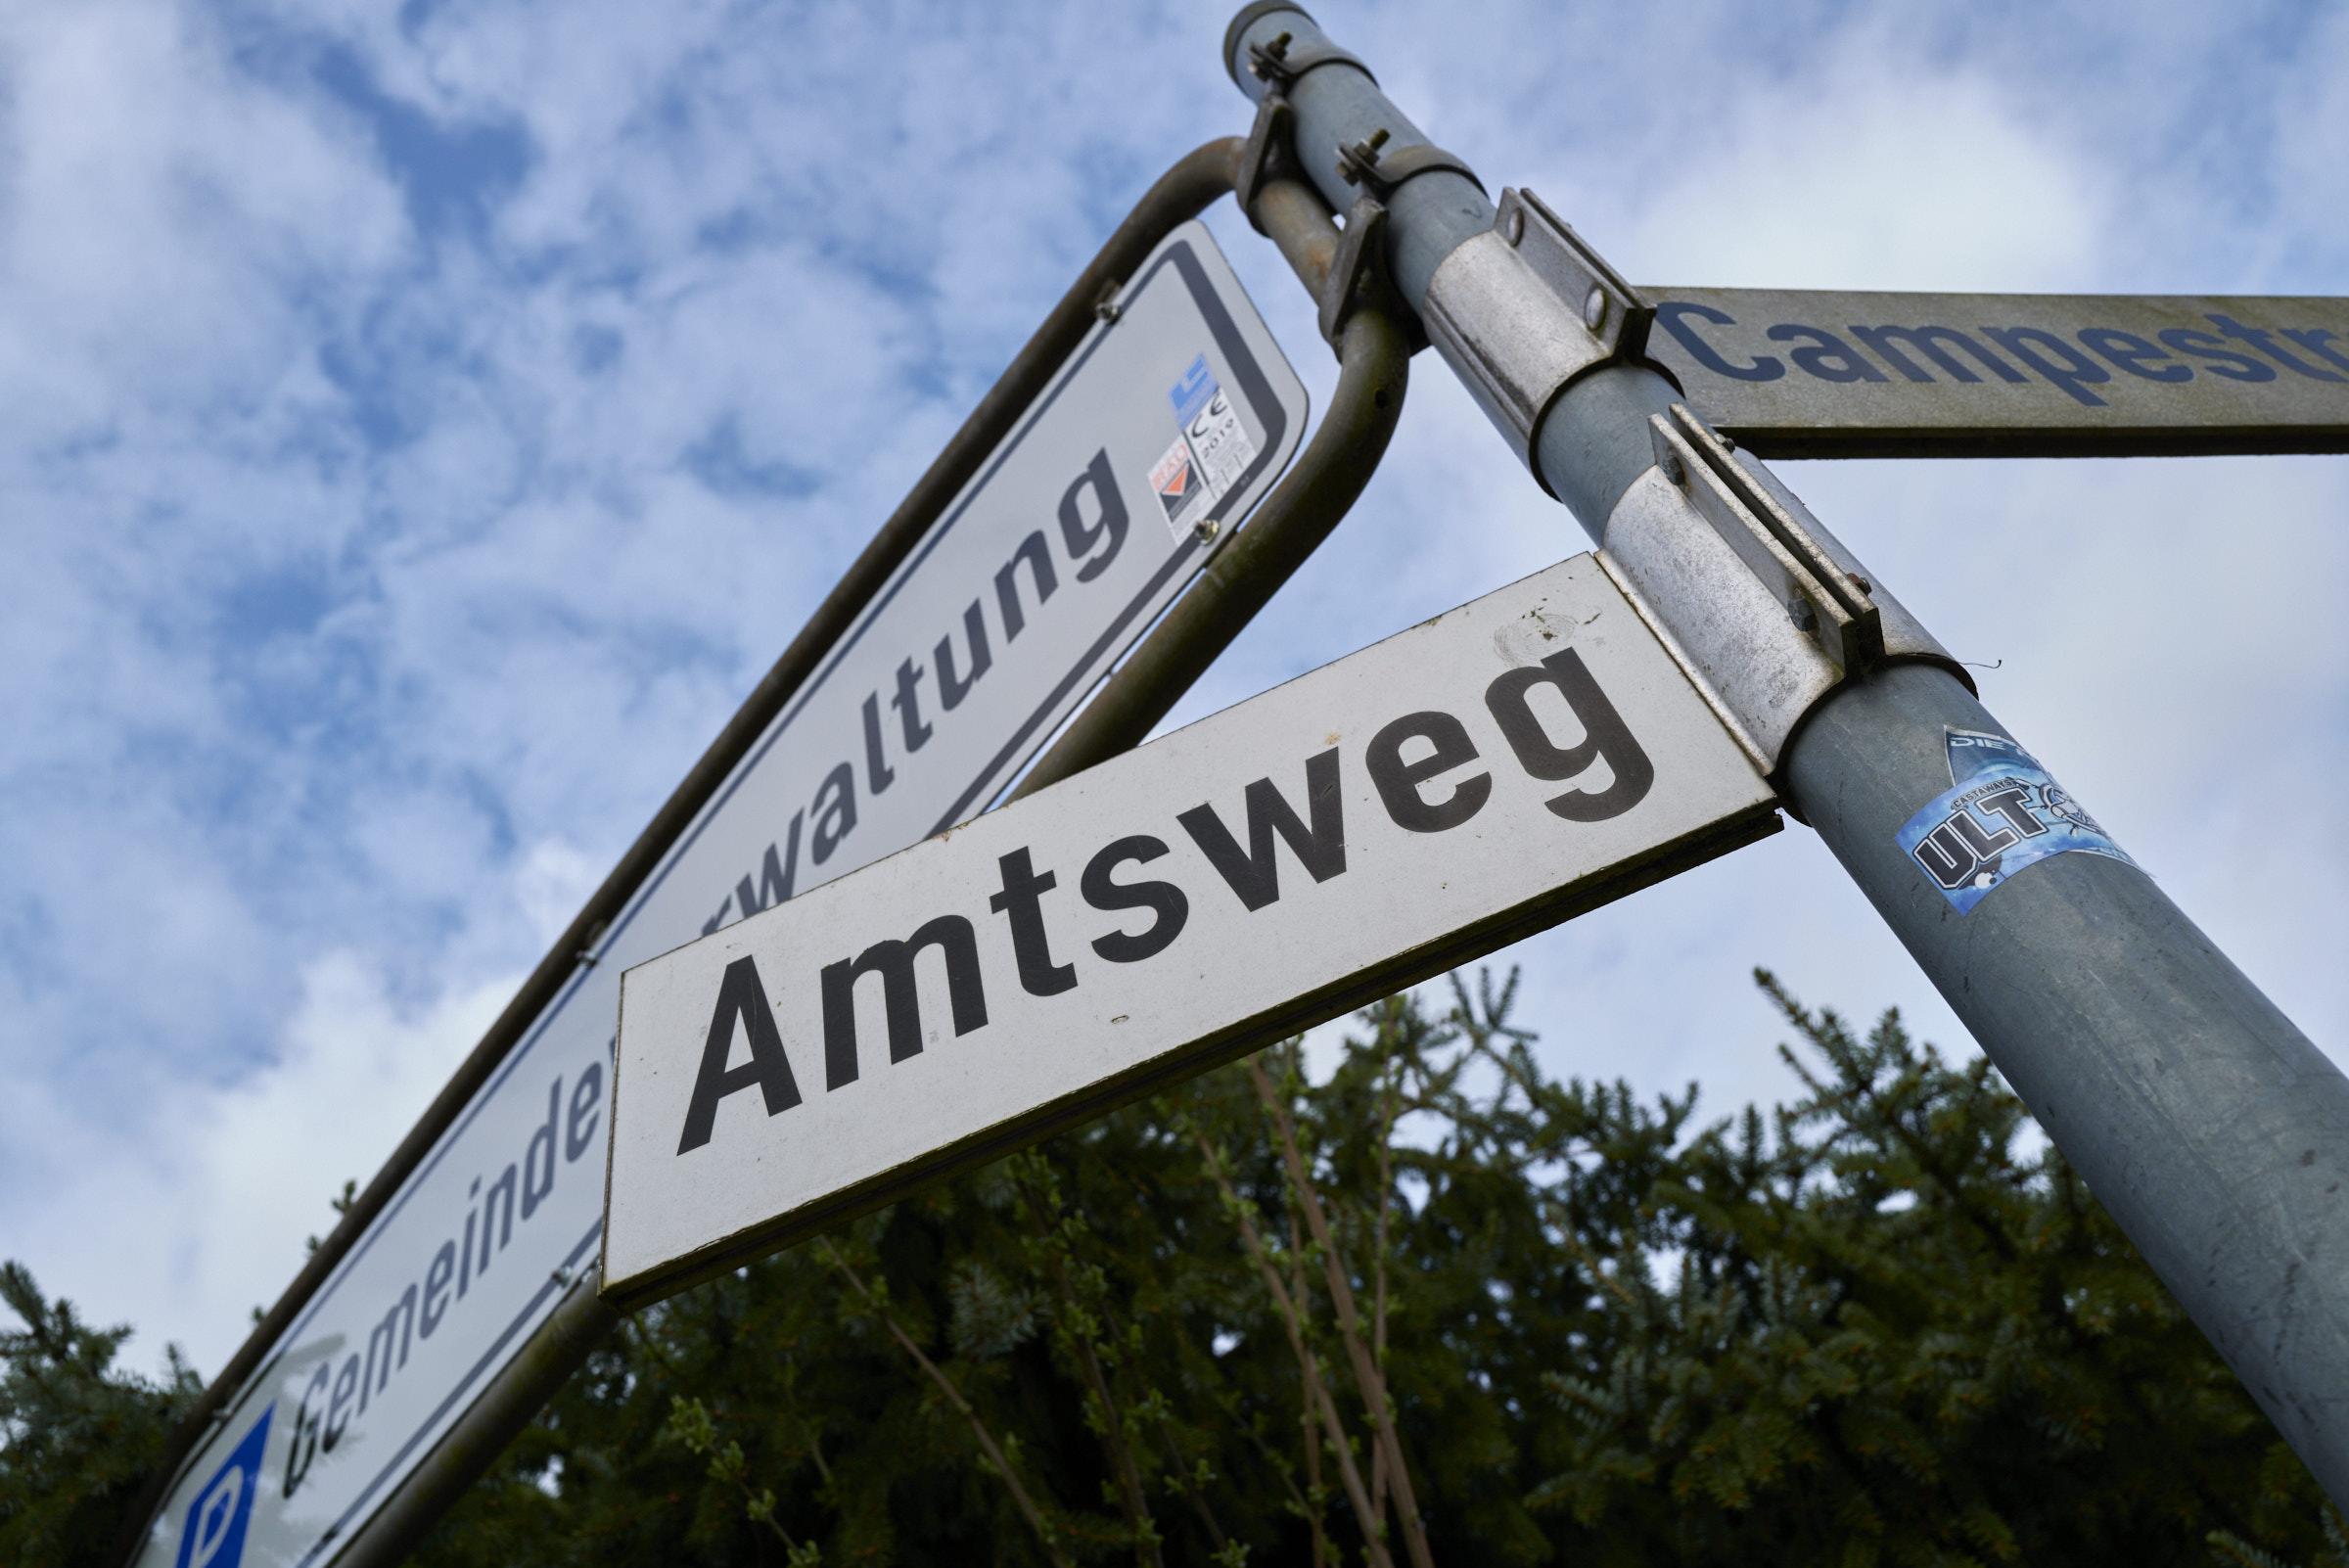 Amtsweg_2